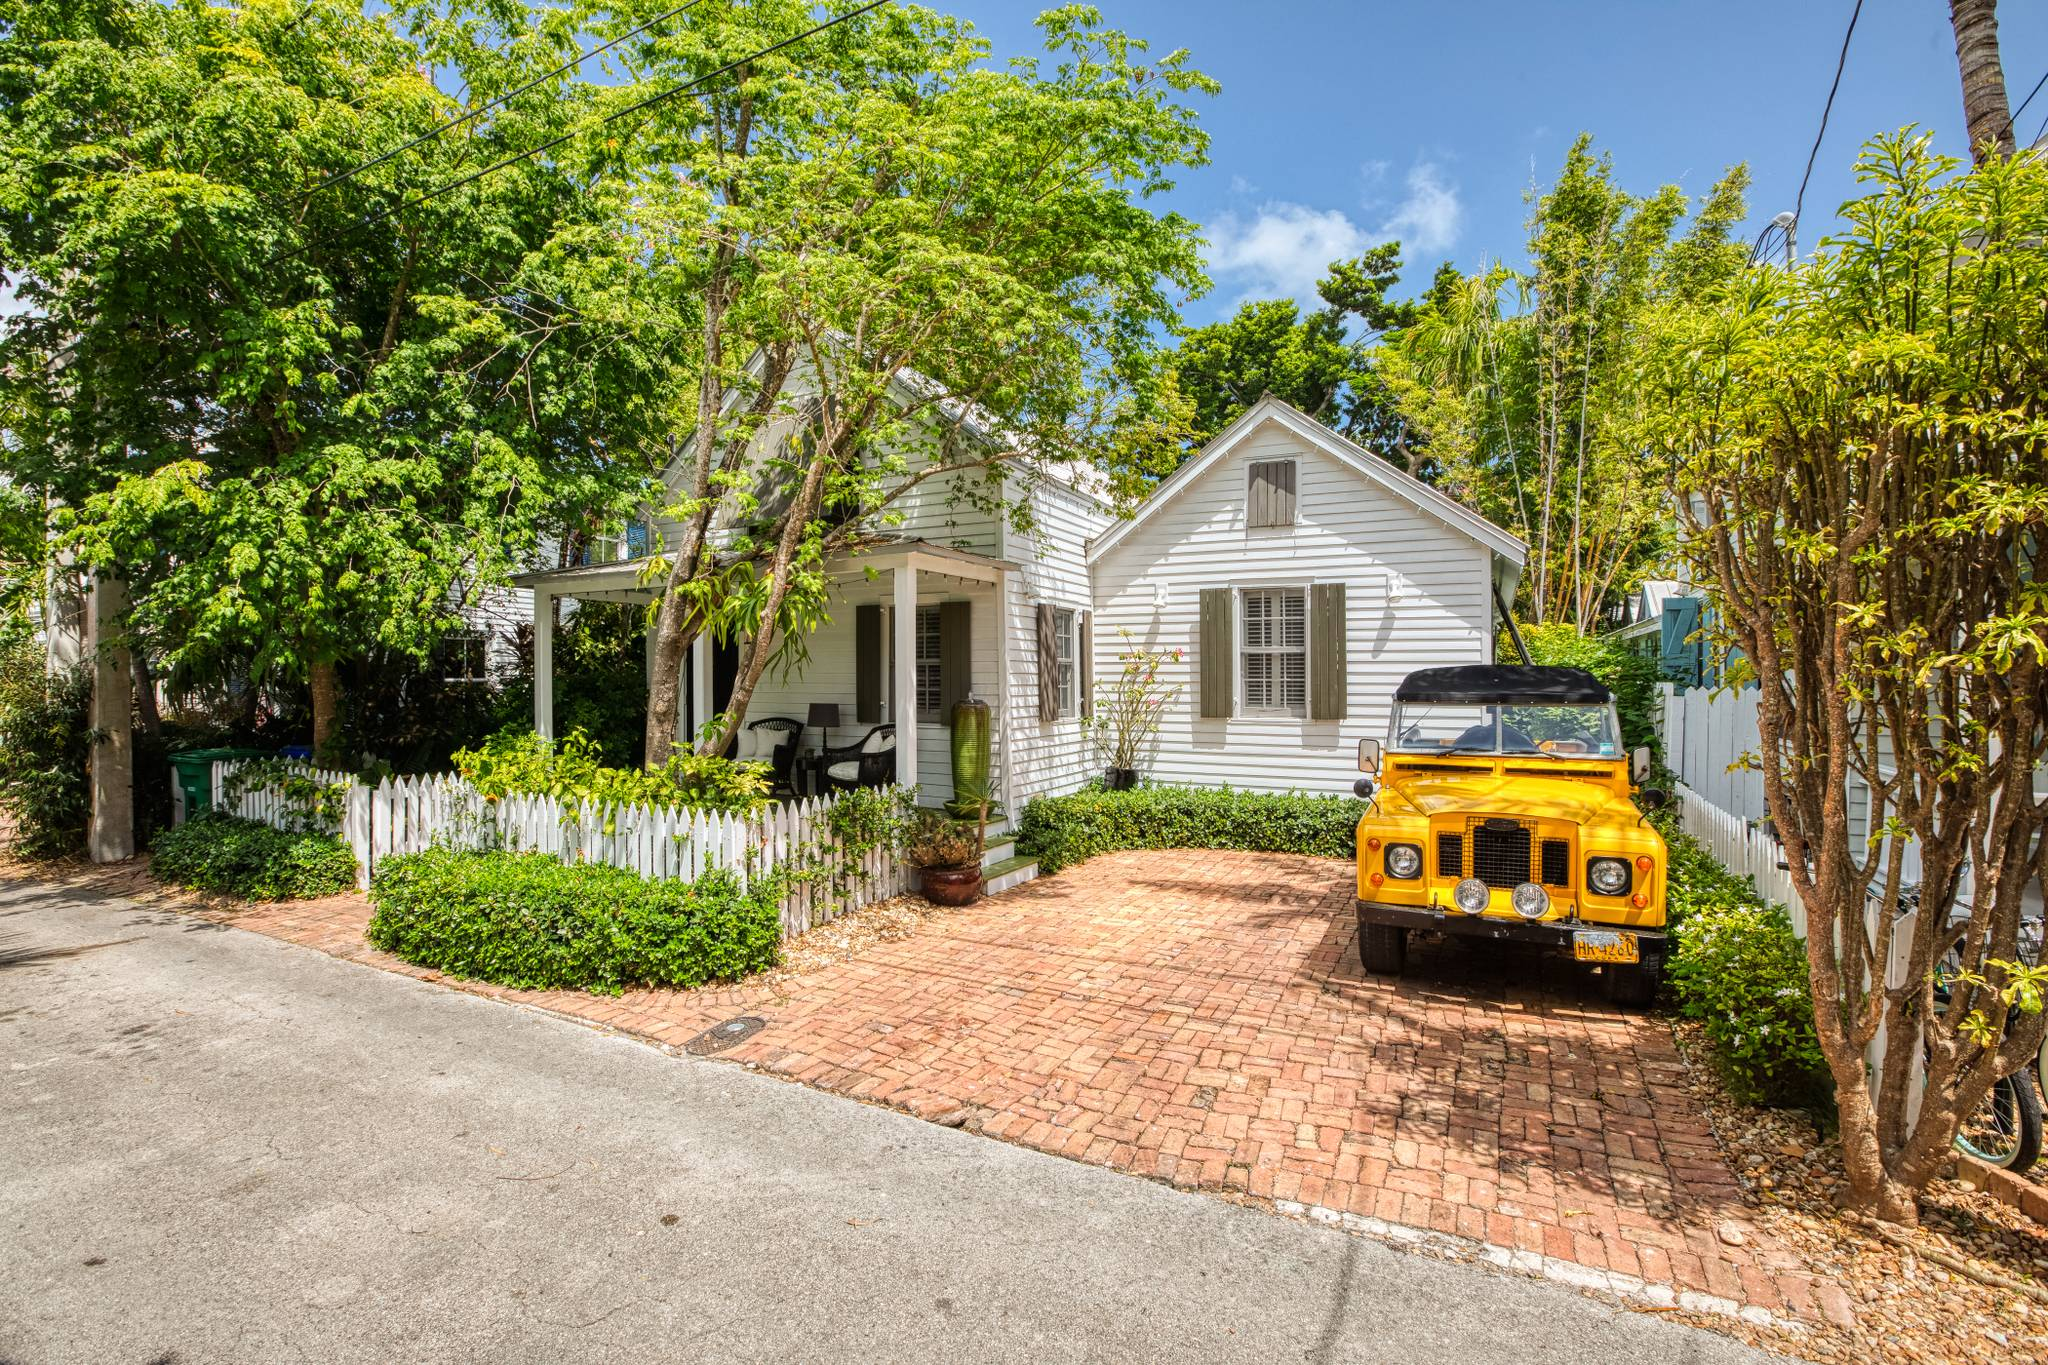 Remarkable Pura Vida Serene Best Of Key West Rentals Interior Design Ideas Clesiryabchikinfo